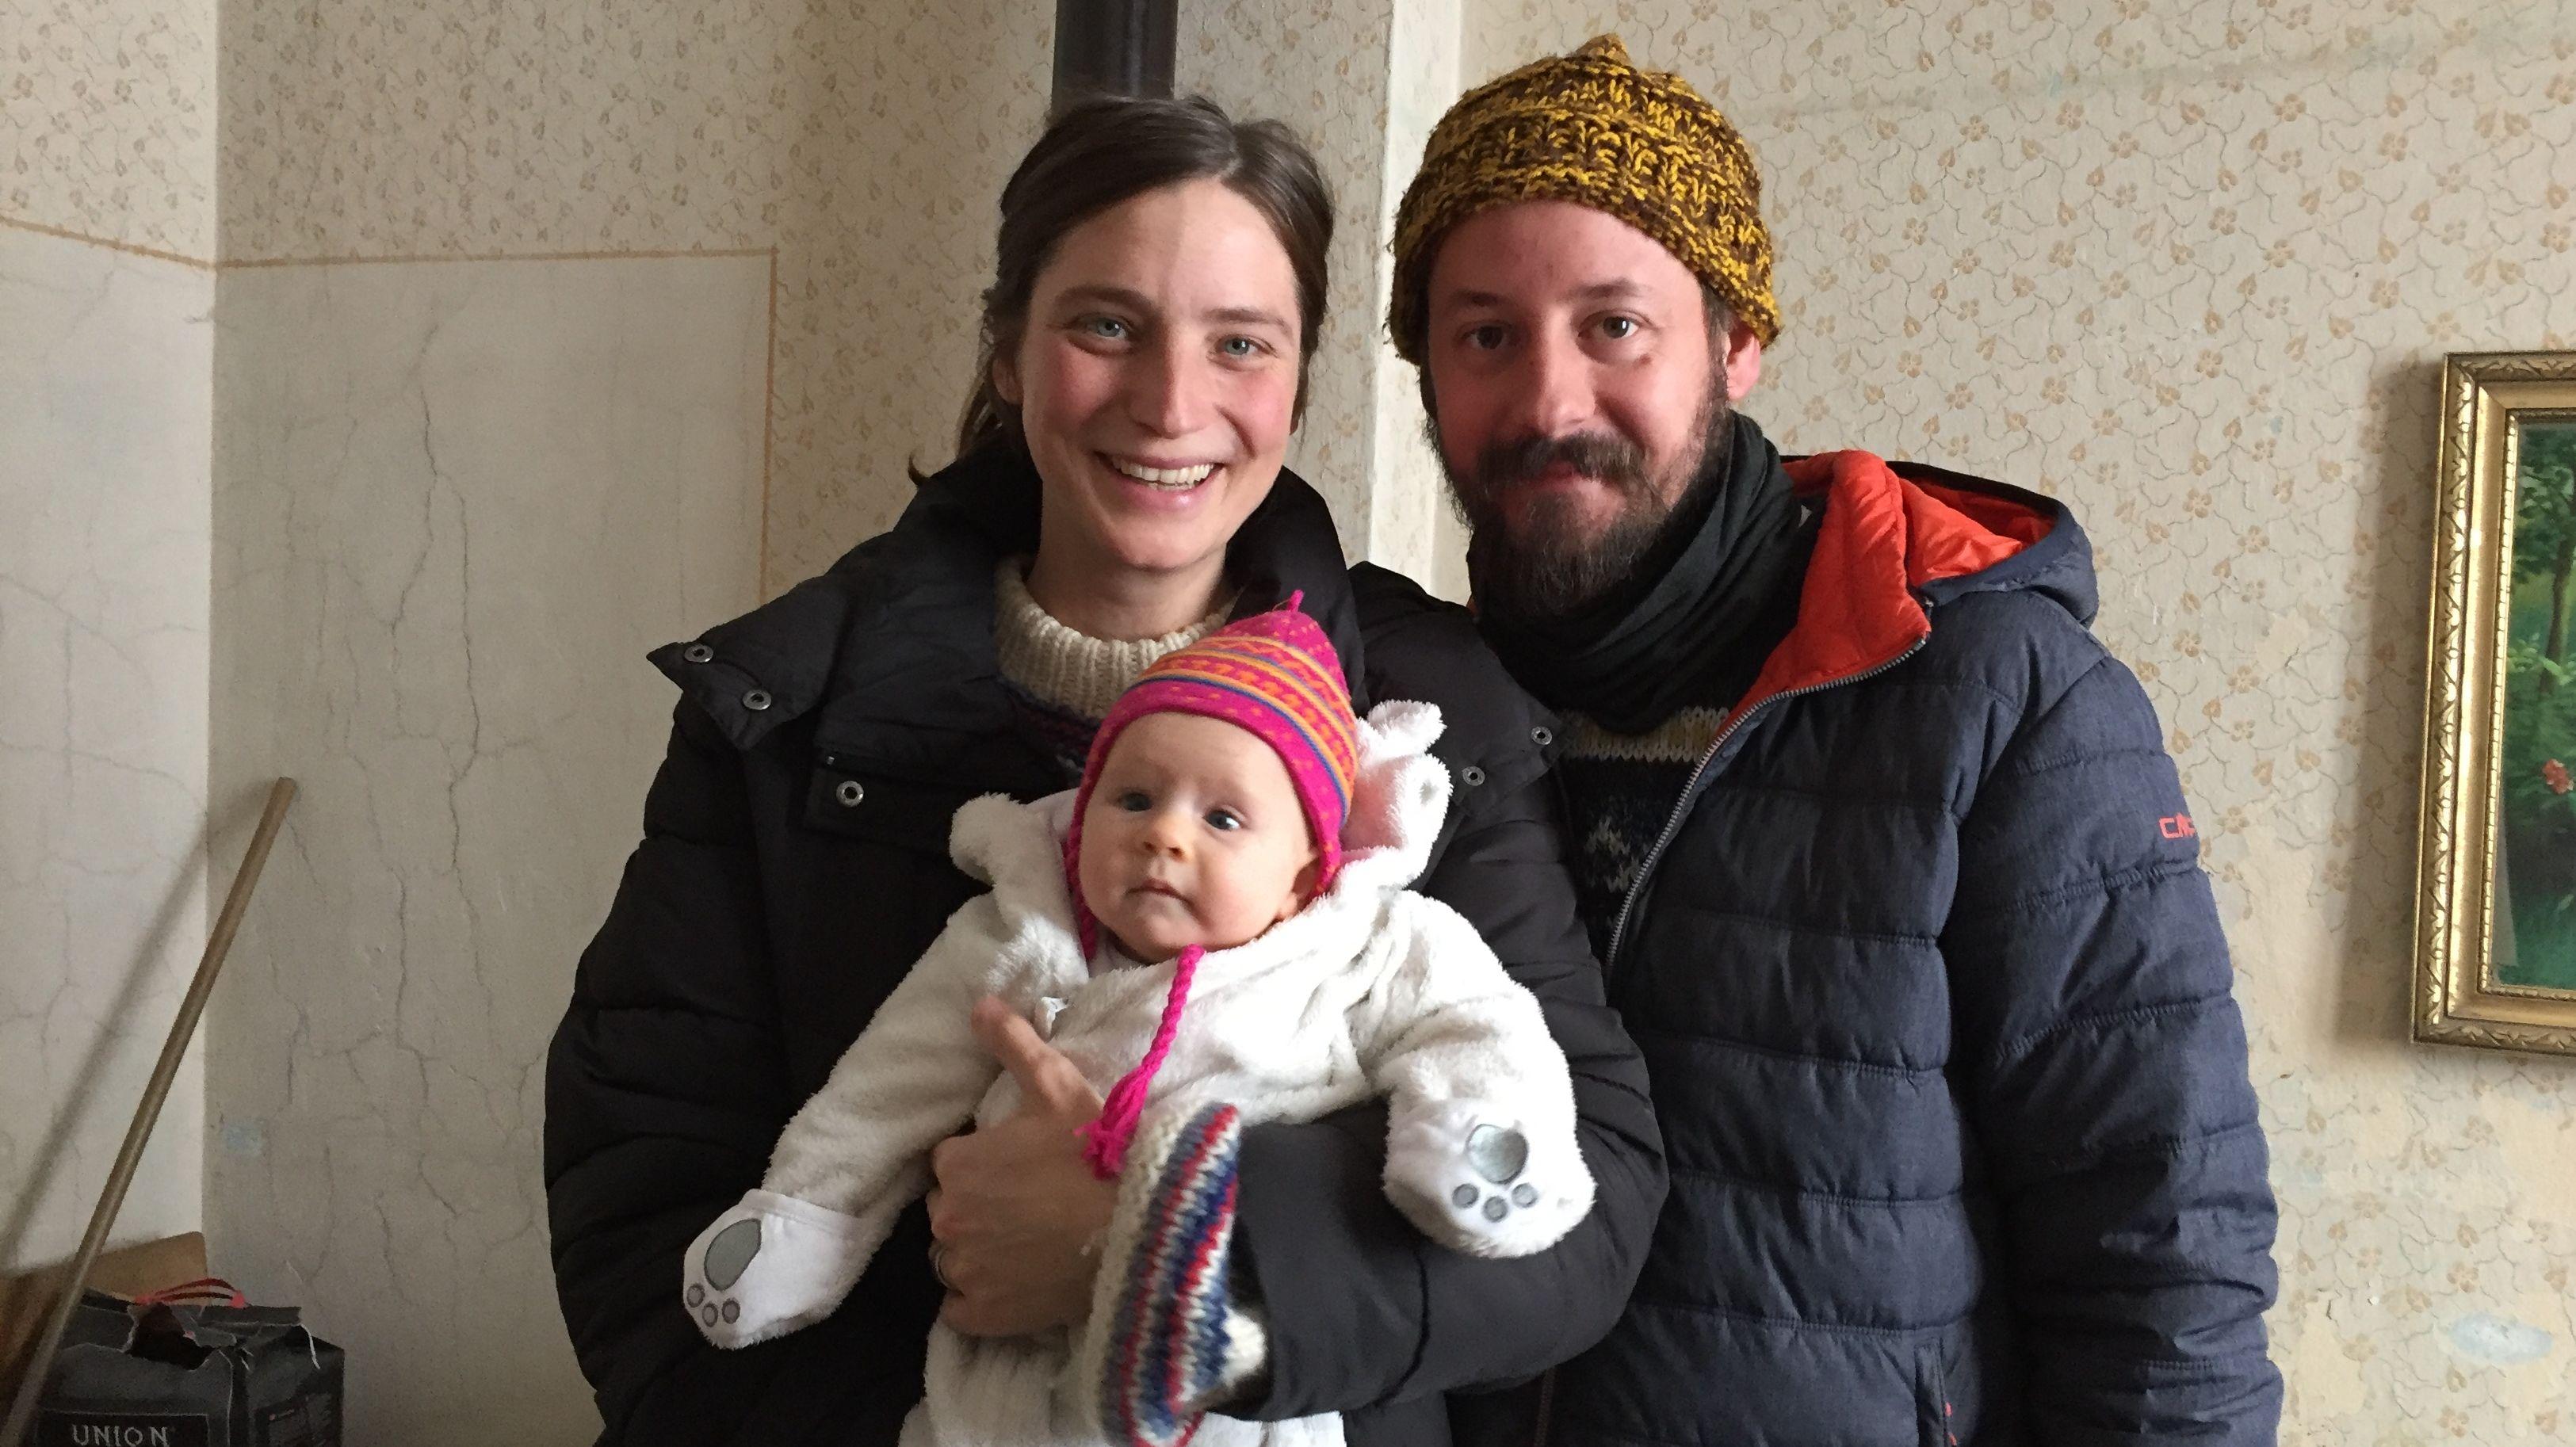 Familie Haslinger-Schütz, die wieder nach Hause in den Bayerischen Wald ziehen